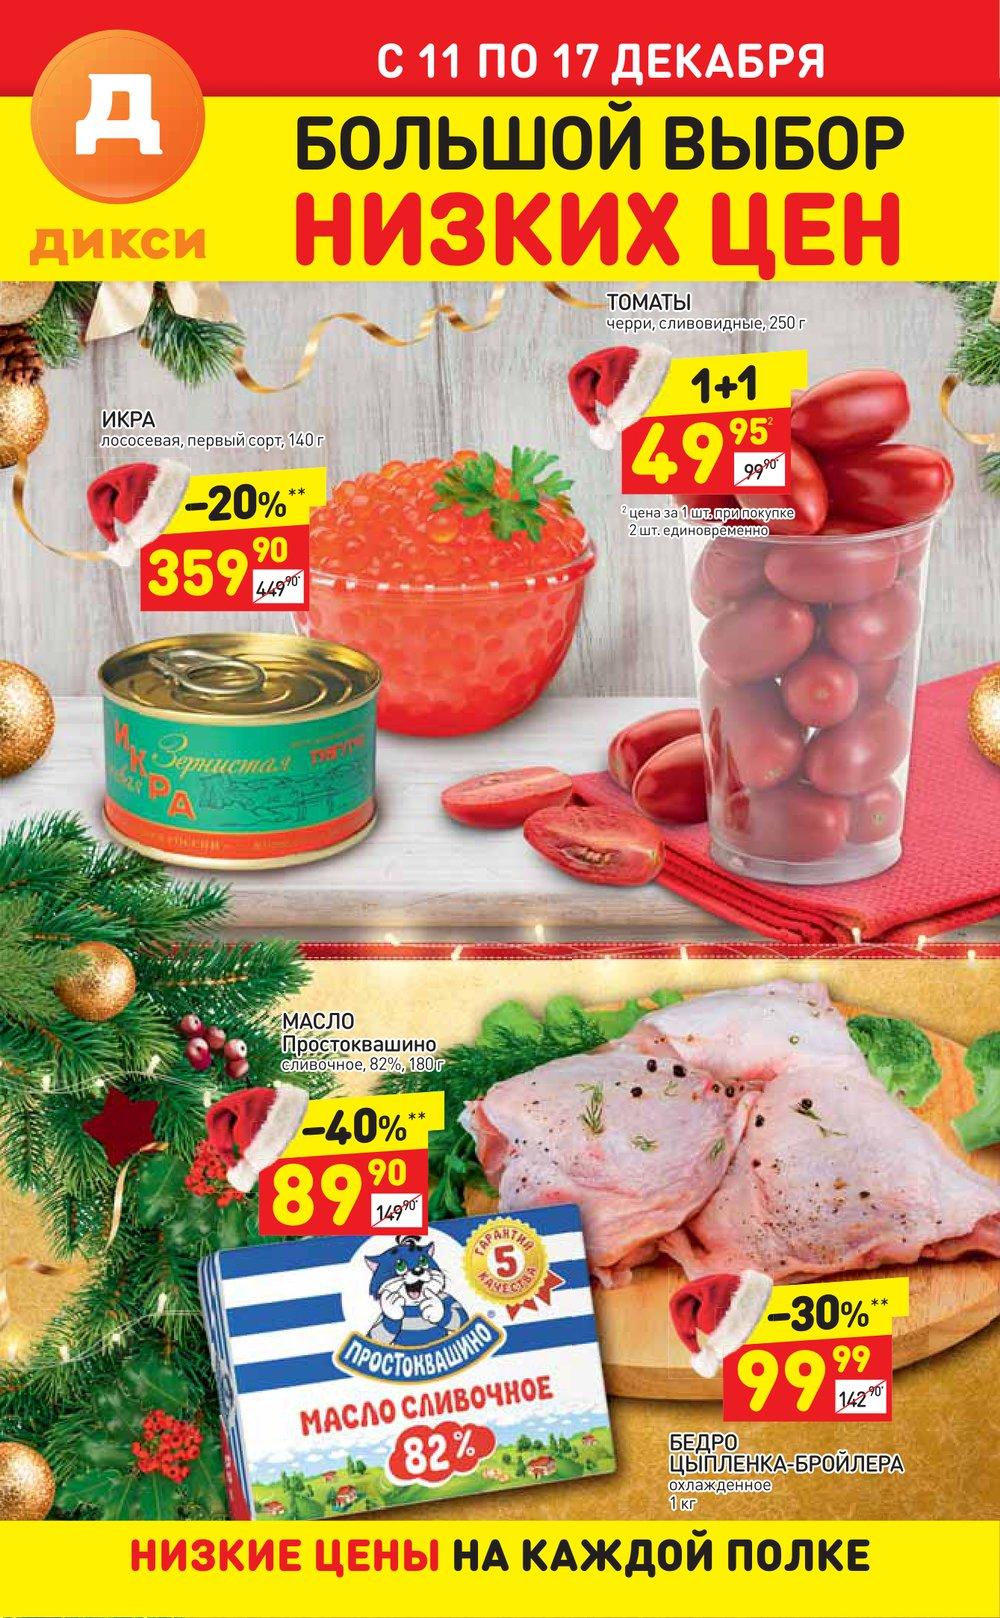 Каталог акций Дикси с 11 по 17 декабря 2017 - стр. 1